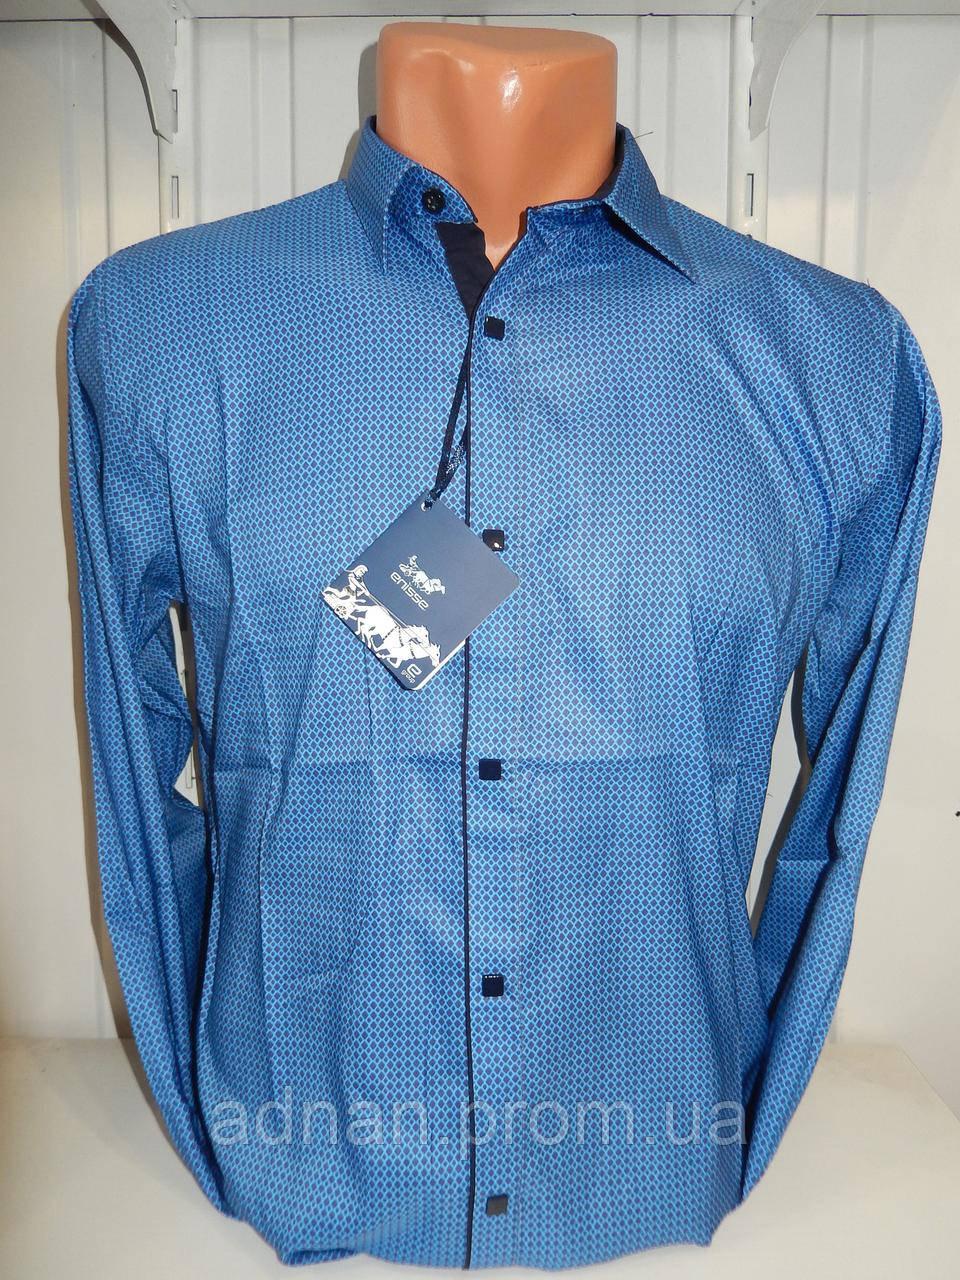 Рубашка мужская Enisse длинный рукав, под шелк, стрейч, заклёпки узор №6  001\ купить рубашку